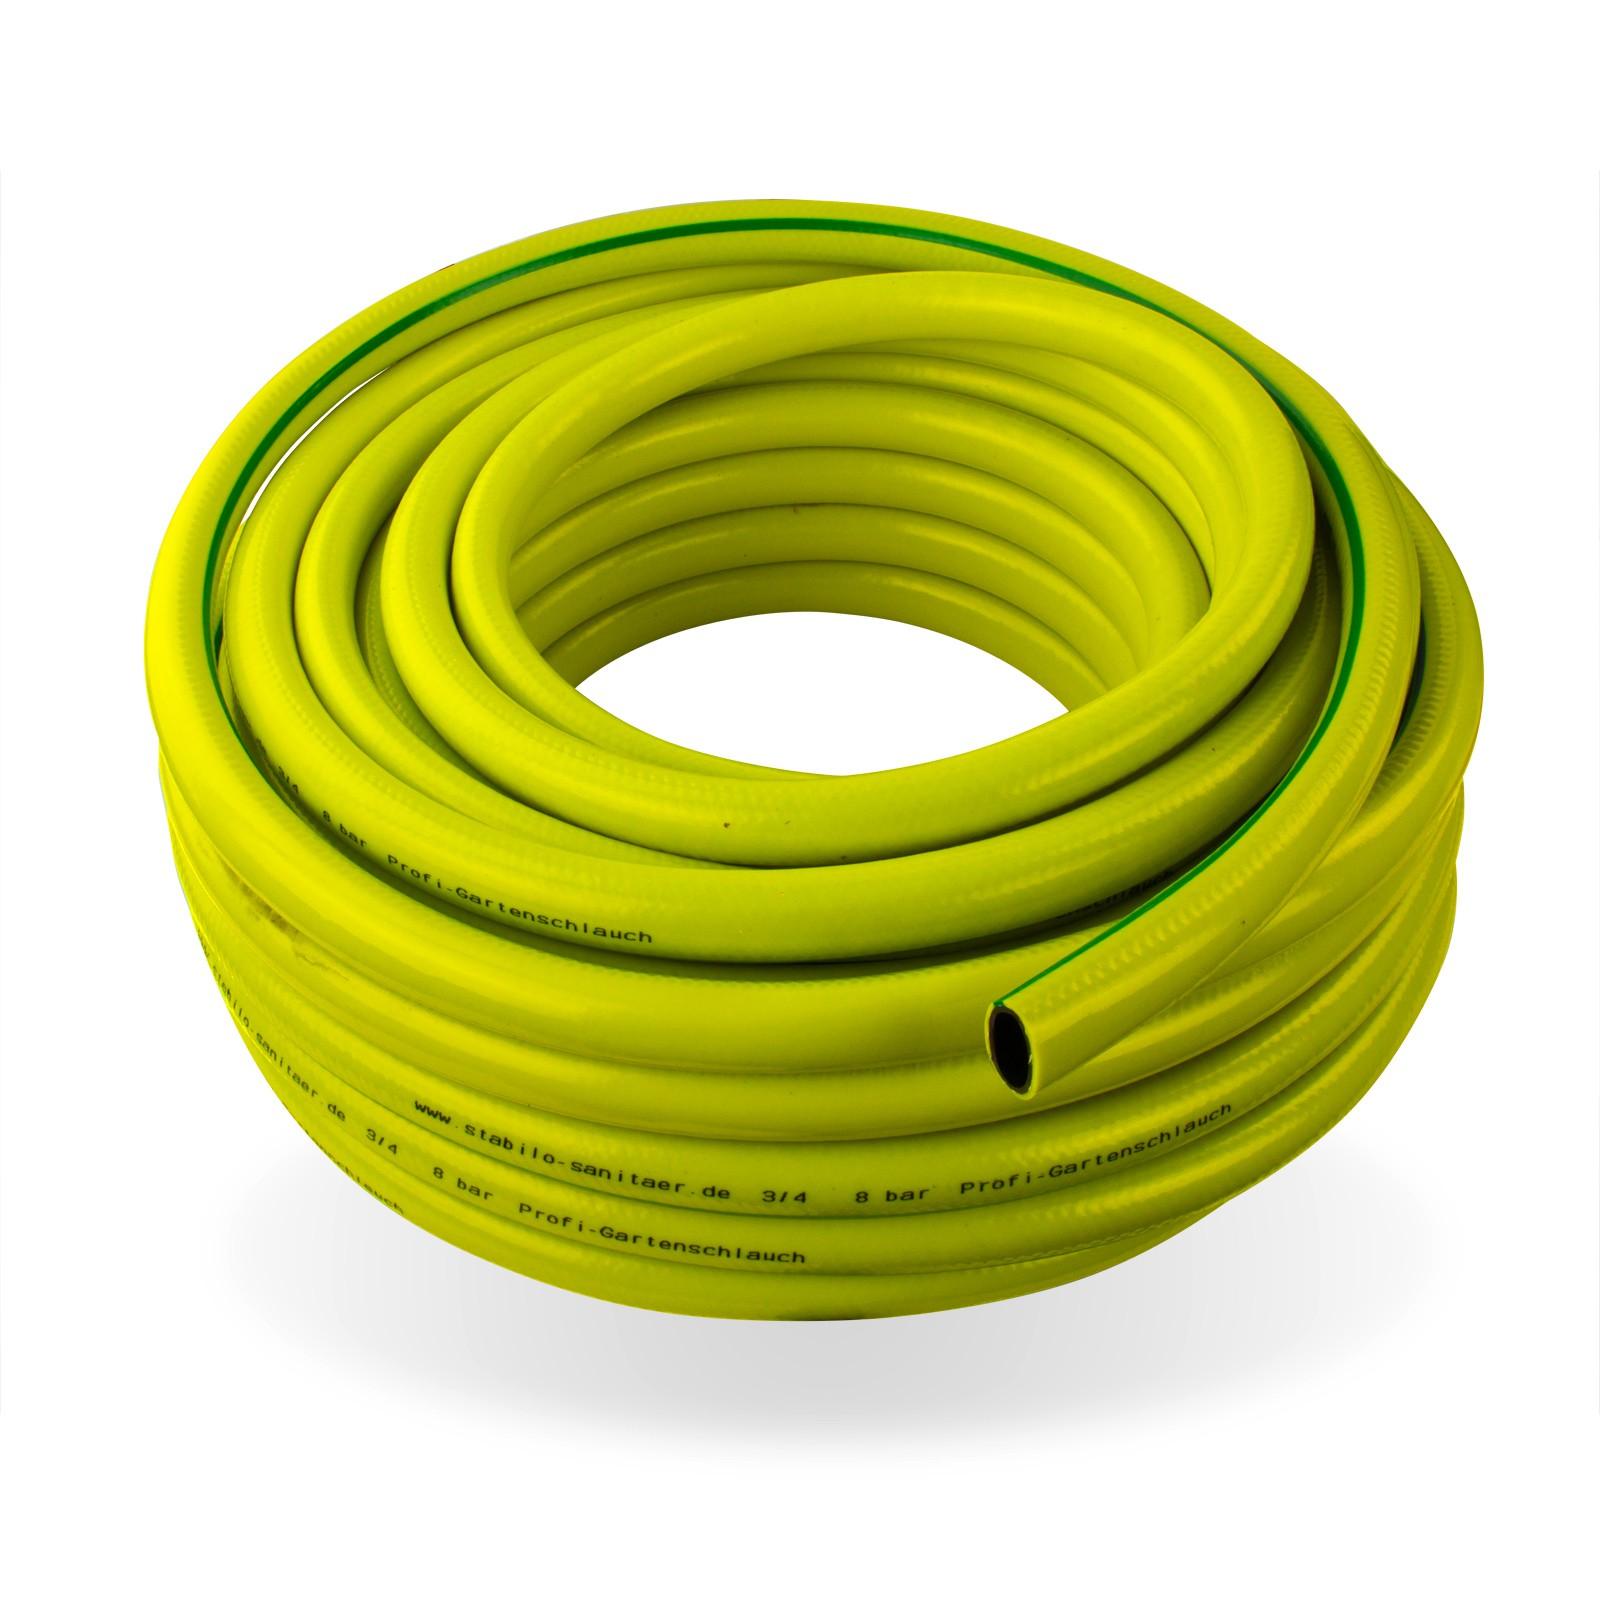 Stabilo-Sanitaer Profi Gartenschlauch / Wasserschlauch 1 Zoll / 50 m gelb